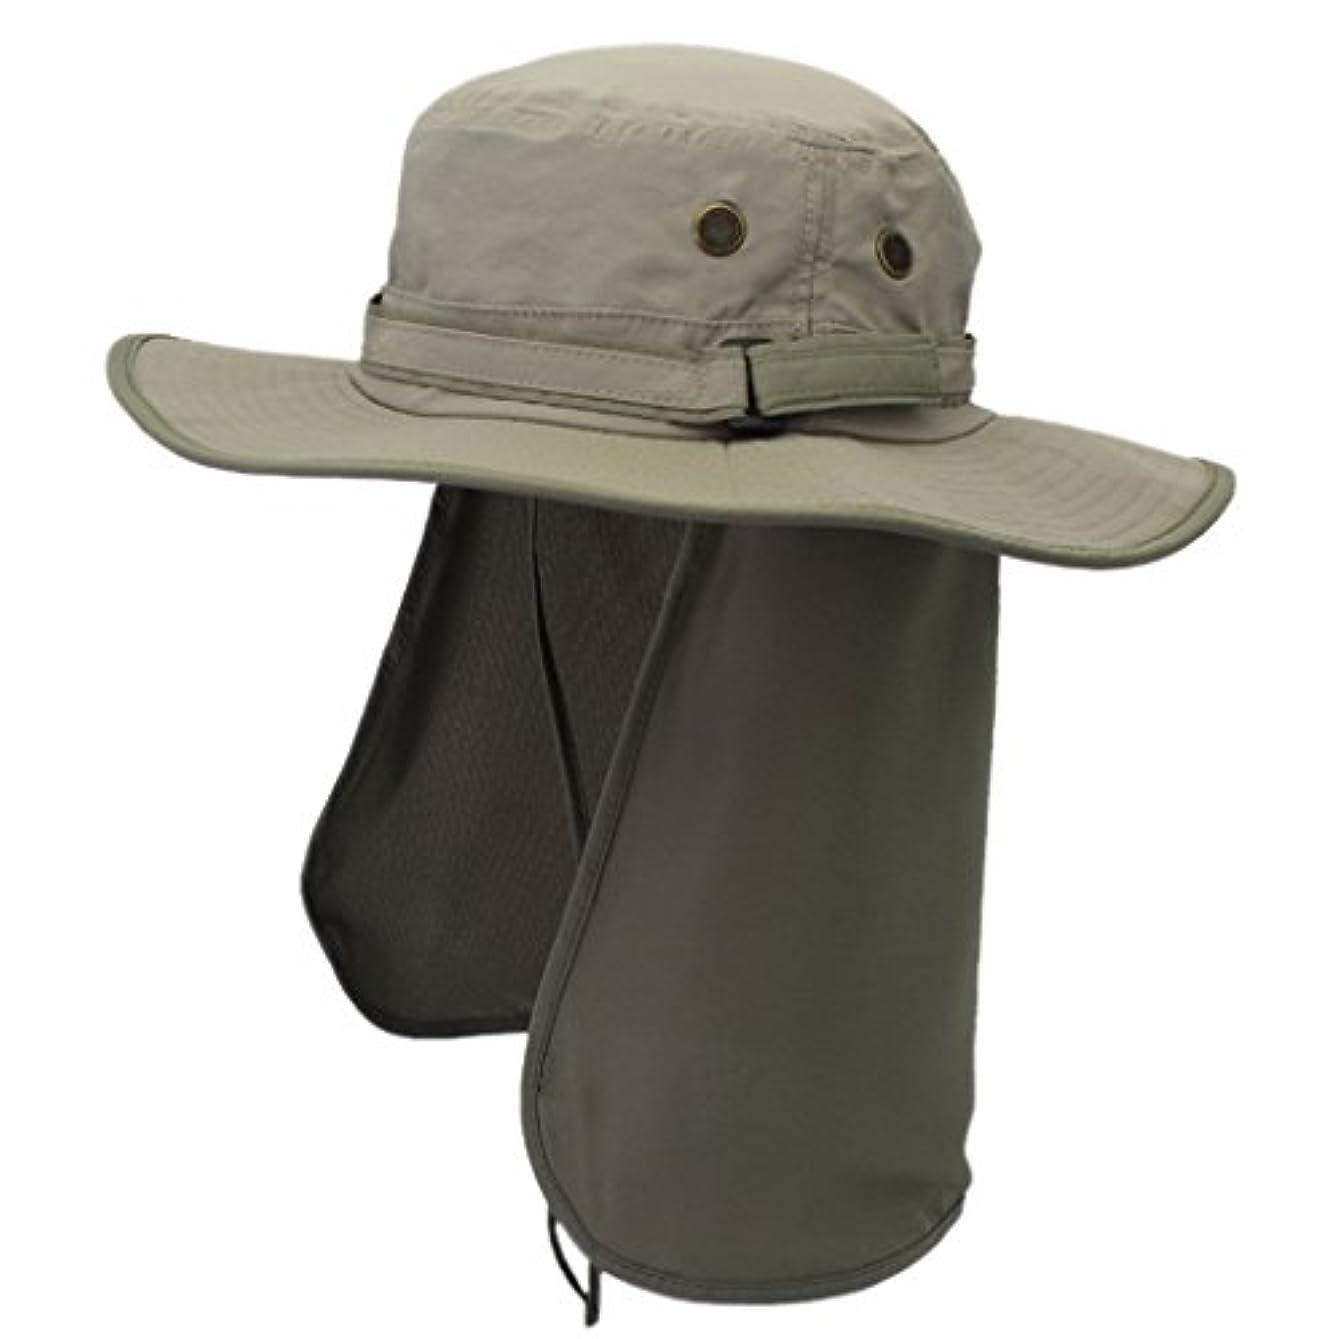 細分化する道路を作るプロセス系統的つば広 カバー付き 日よけ帽子 農作業 おしゃれ 実用 UVカット 紫外線防止 旅行 ピクニック 登山 釣り 海辺 アウトドア 春夏 男女兼用